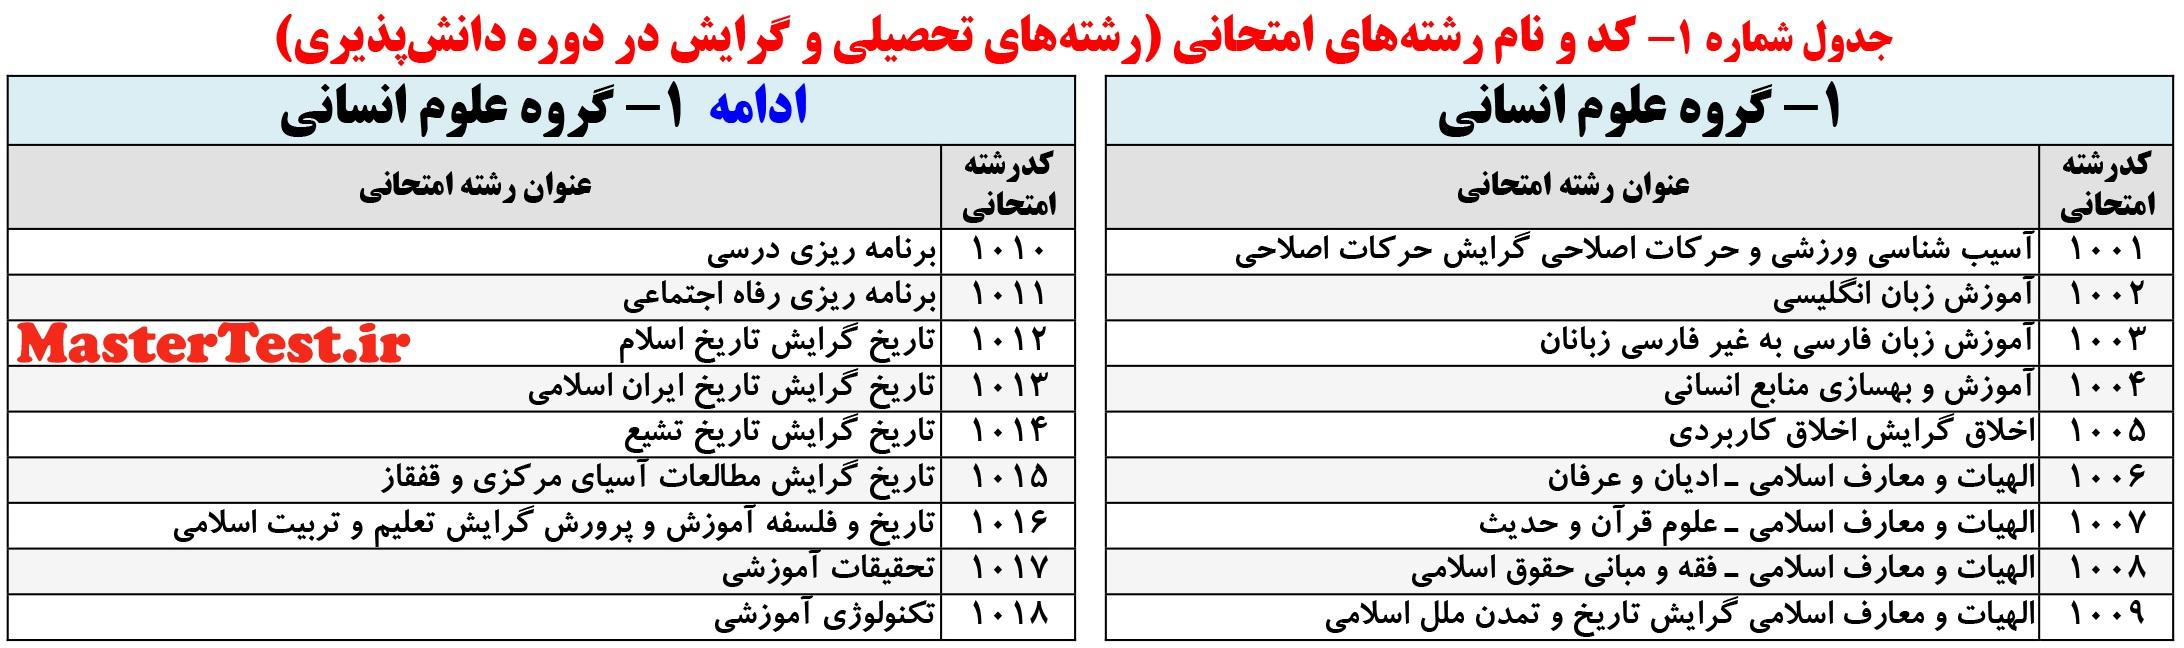 رشته های ارشد فراگیر پیام نور بهمن 97